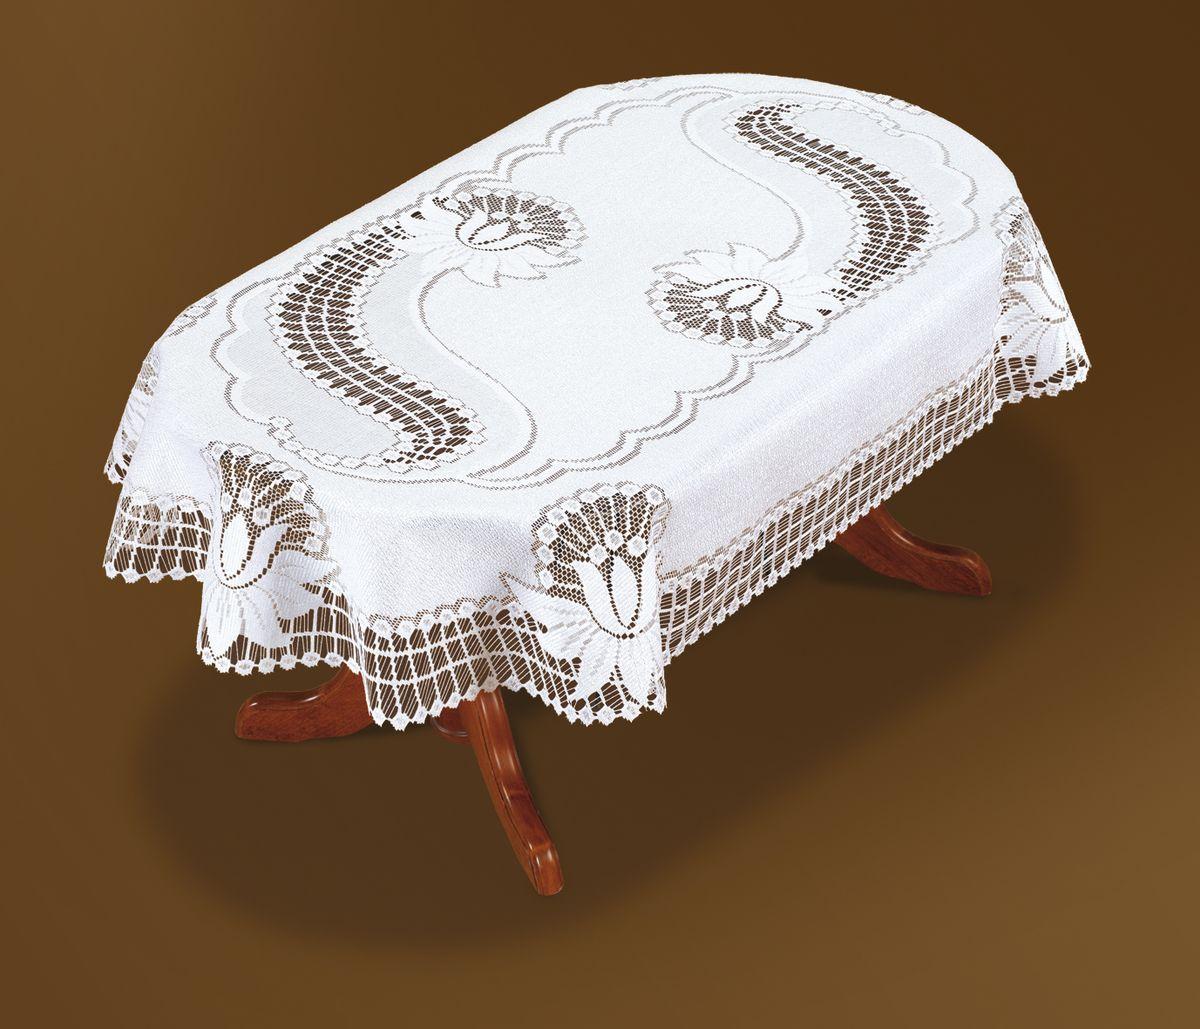 Скатерть Haft, овальная, цвет: белый, 150x 100 см. 46081-100Ветерок 2ГФВеликолепная овальная скатерть Haft, выполненная из полиэстера, органично впишется в интерьер любого помещения, а оригинальный дизайн удовлетворит даже самый изысканный вкус. Скатерть изготовлена из сетчатого материала с ажурным рисунком. Края скатерти закруглены.Скатерть Haft создаст праздничное настроение и станет прекрасным дополнением интерьера гостиной, кухни или столовой.